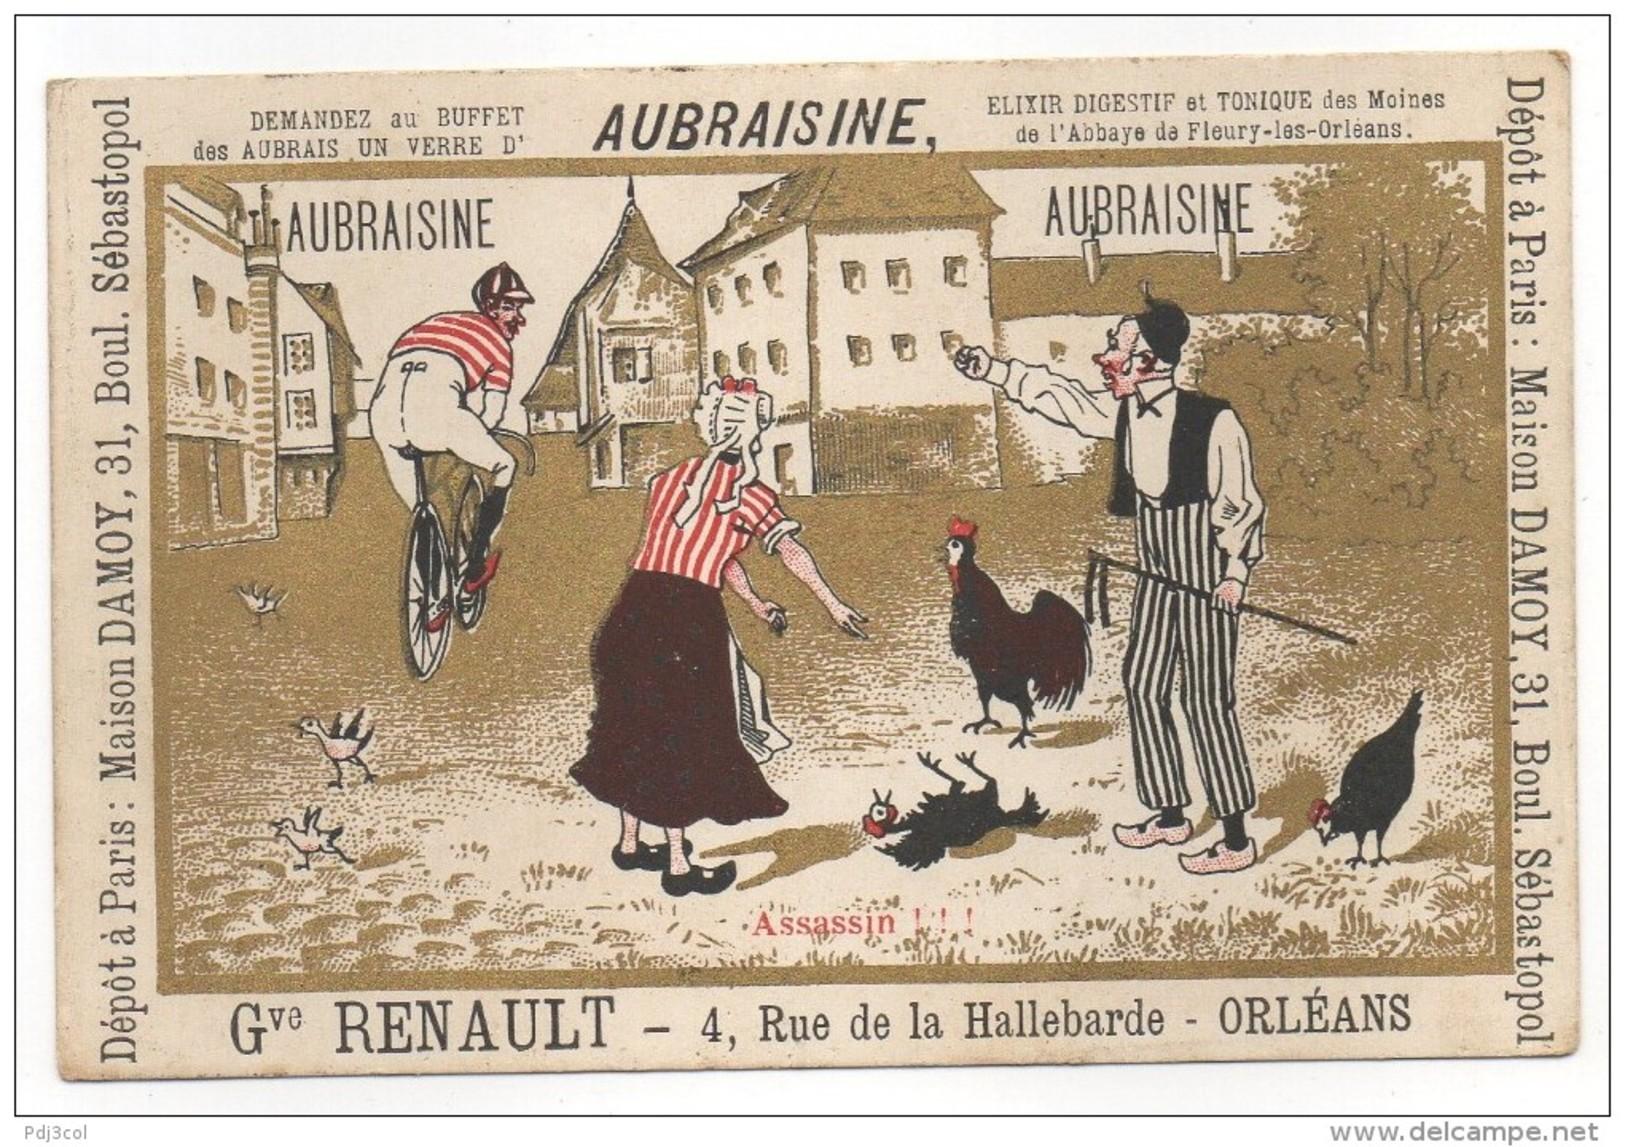 AUBRAISINE - Assassin !!! - (cycliste écrasant Une Poule) - Gve RENAULT - ORLEANS - Chromo